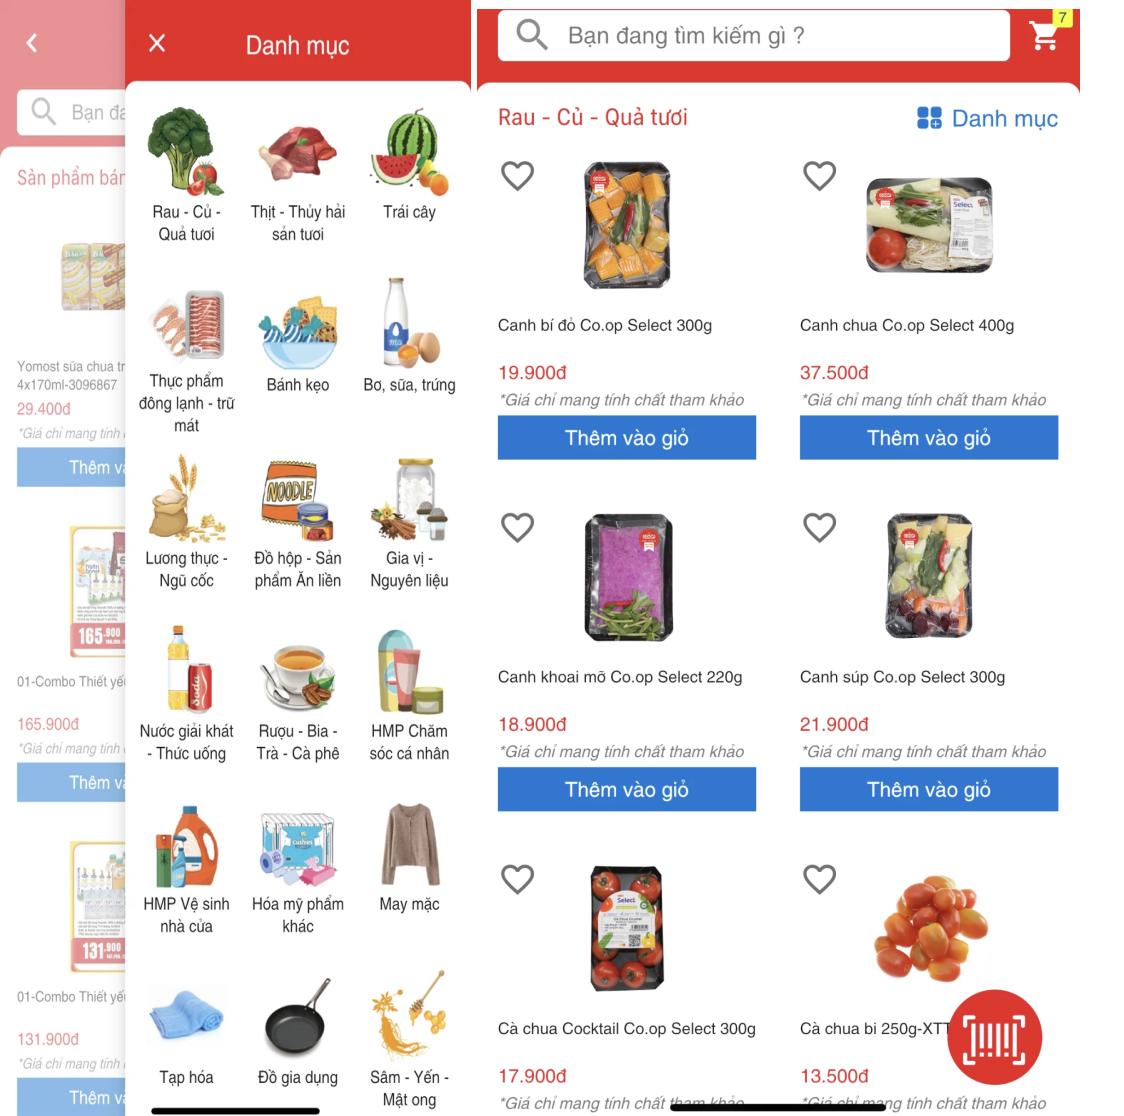 Các nhóm ngành hàng được phân chia khá khoa học trên app Saigon Co.op